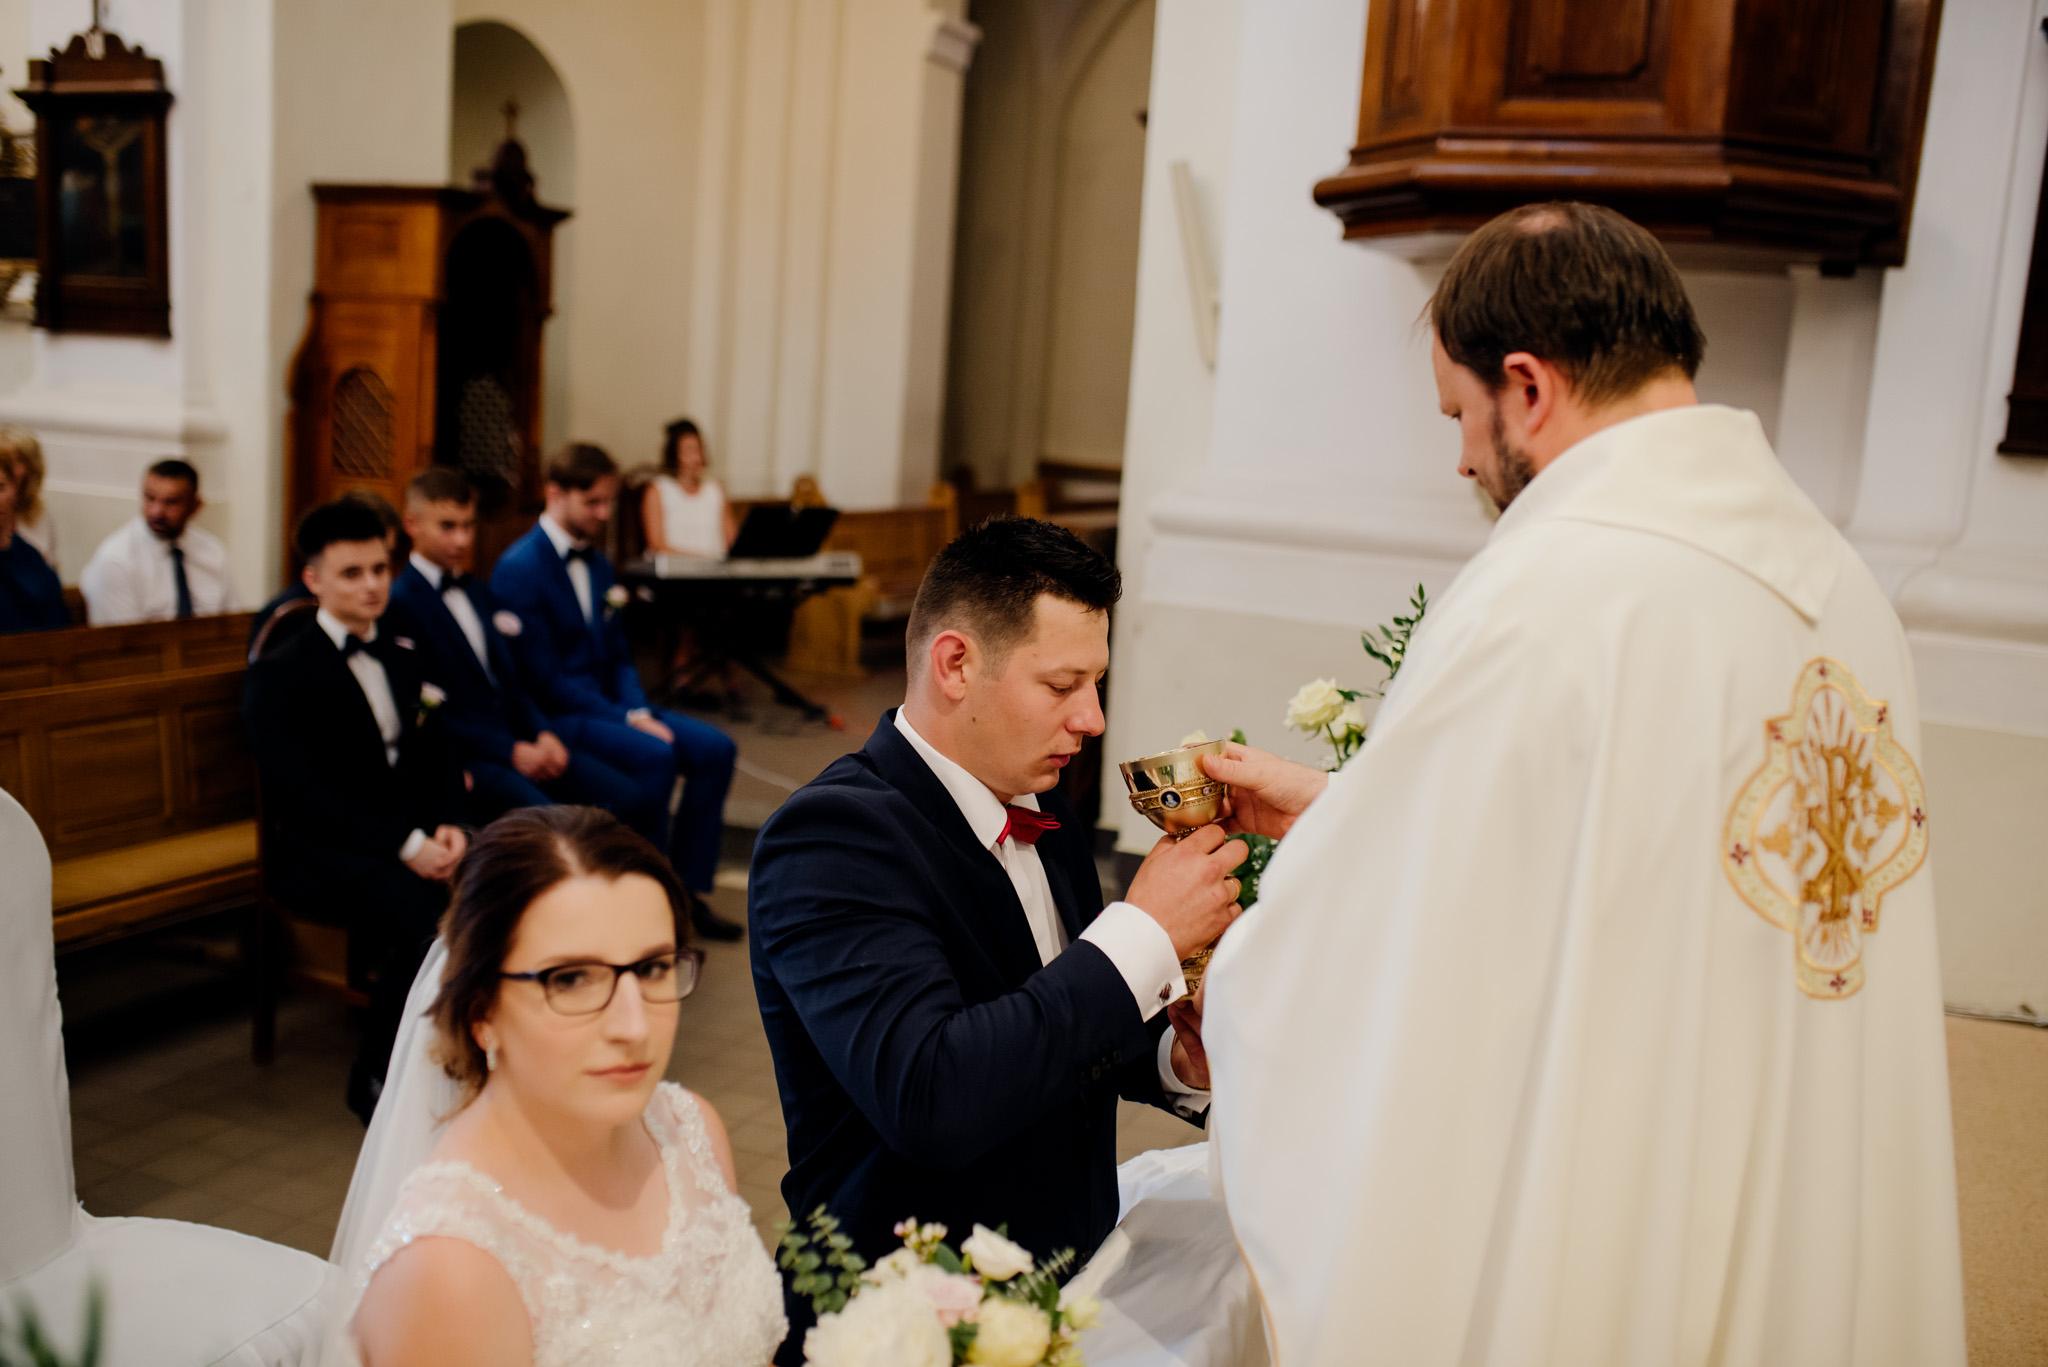 fotograf ślubny stalowa wola, fotograf na ślub stalowa wola